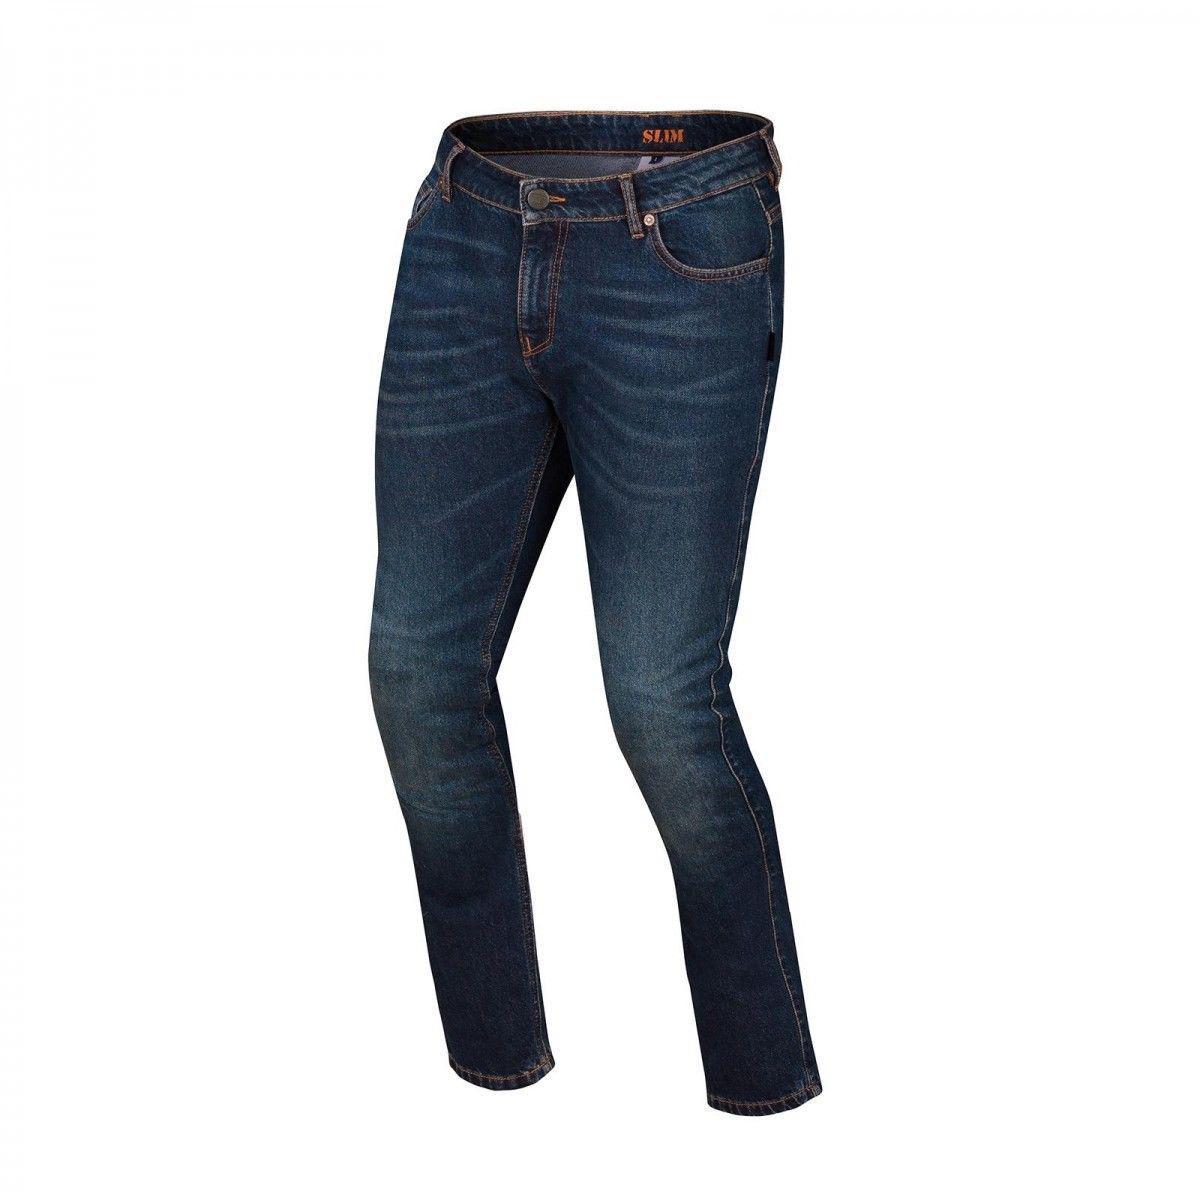 Джинсовые брюки Bering Gorane р.M (с кевларовыми вставками) текстиль blue